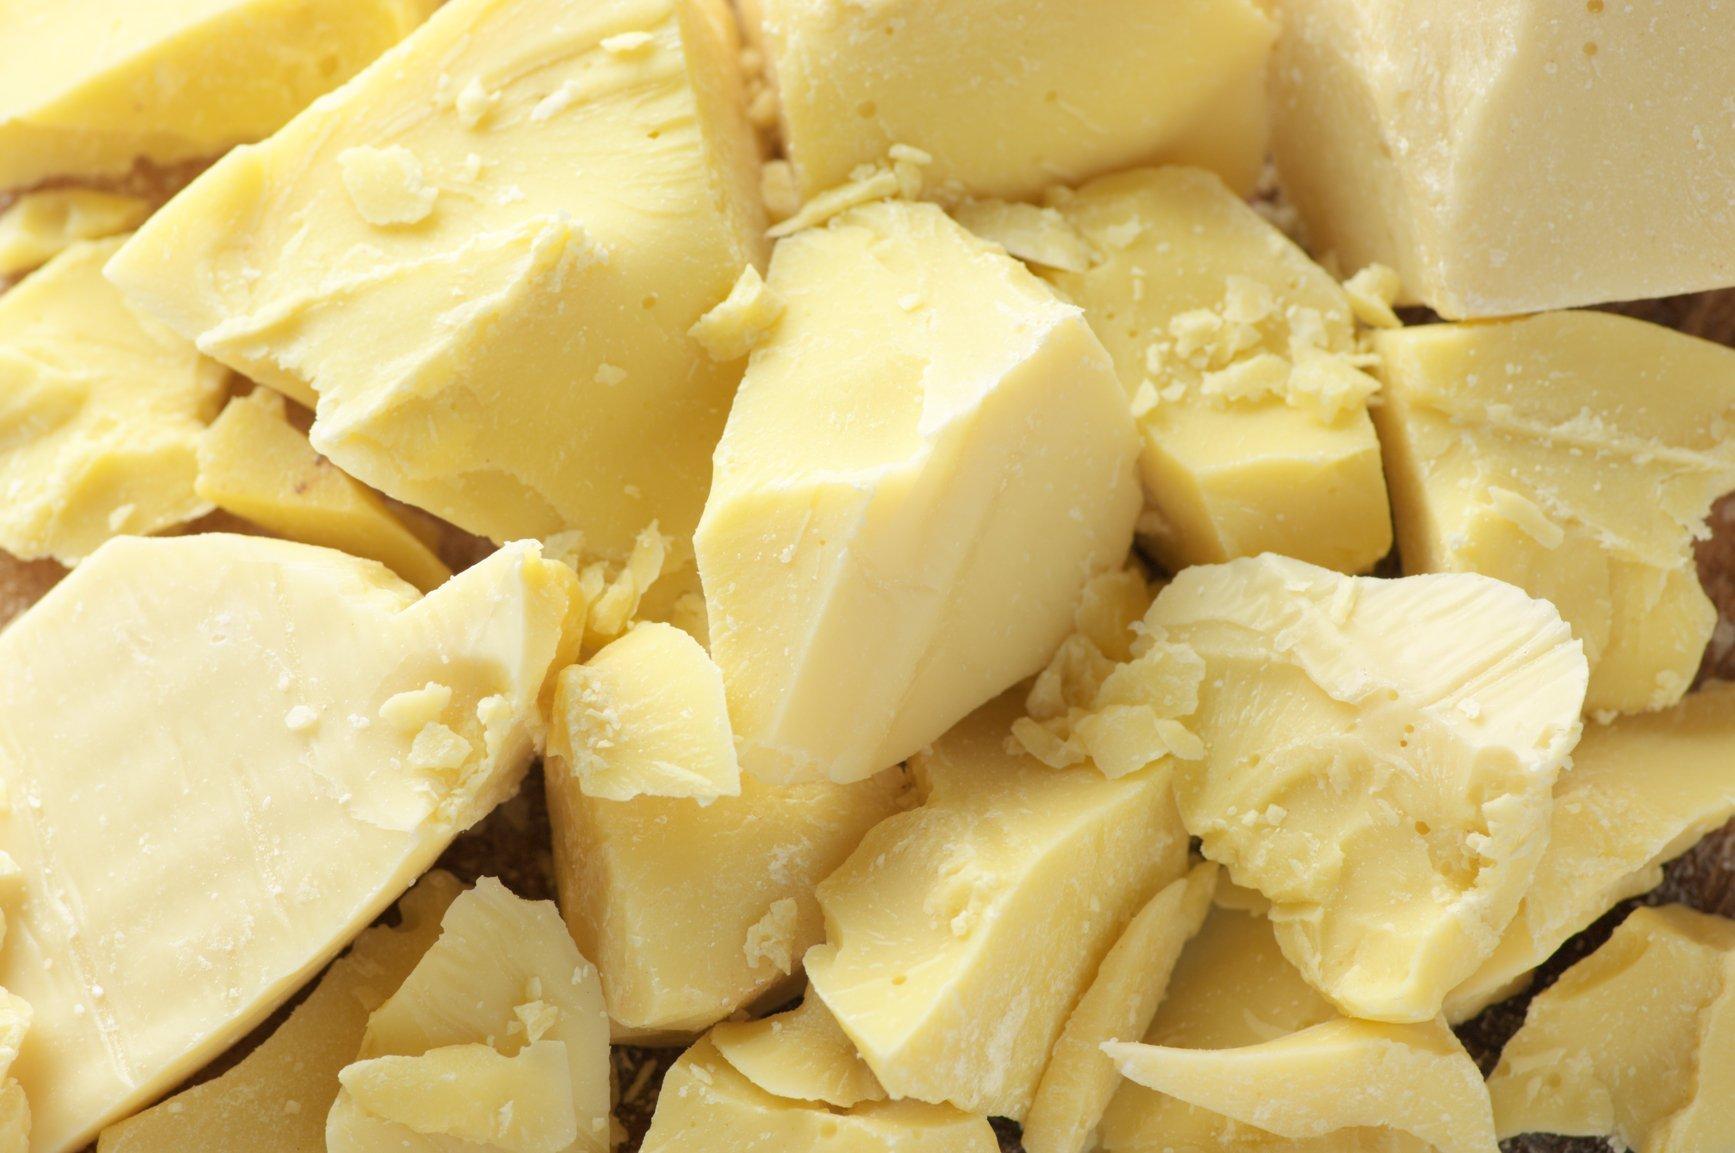 gtgt Какаомасло полезные свойства какаомасла Применение